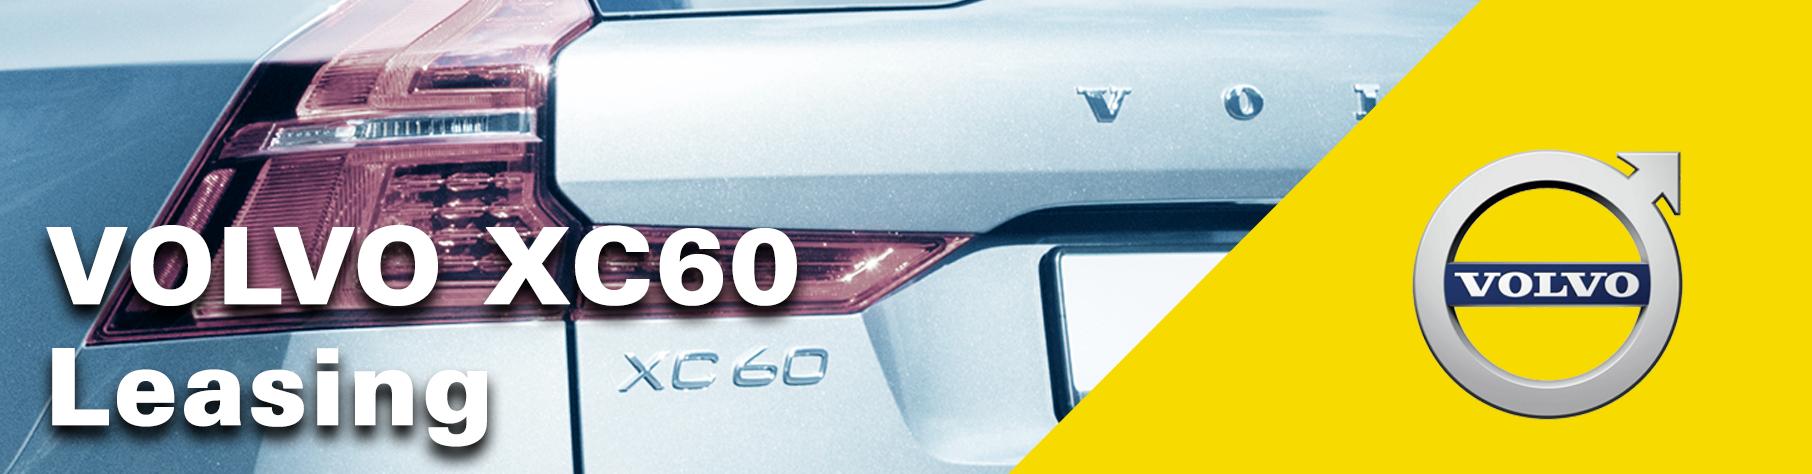 VOLVO XC60-Leasing für Ihr Business - Unsere VOLVO XC60-Leasing-Bestseller